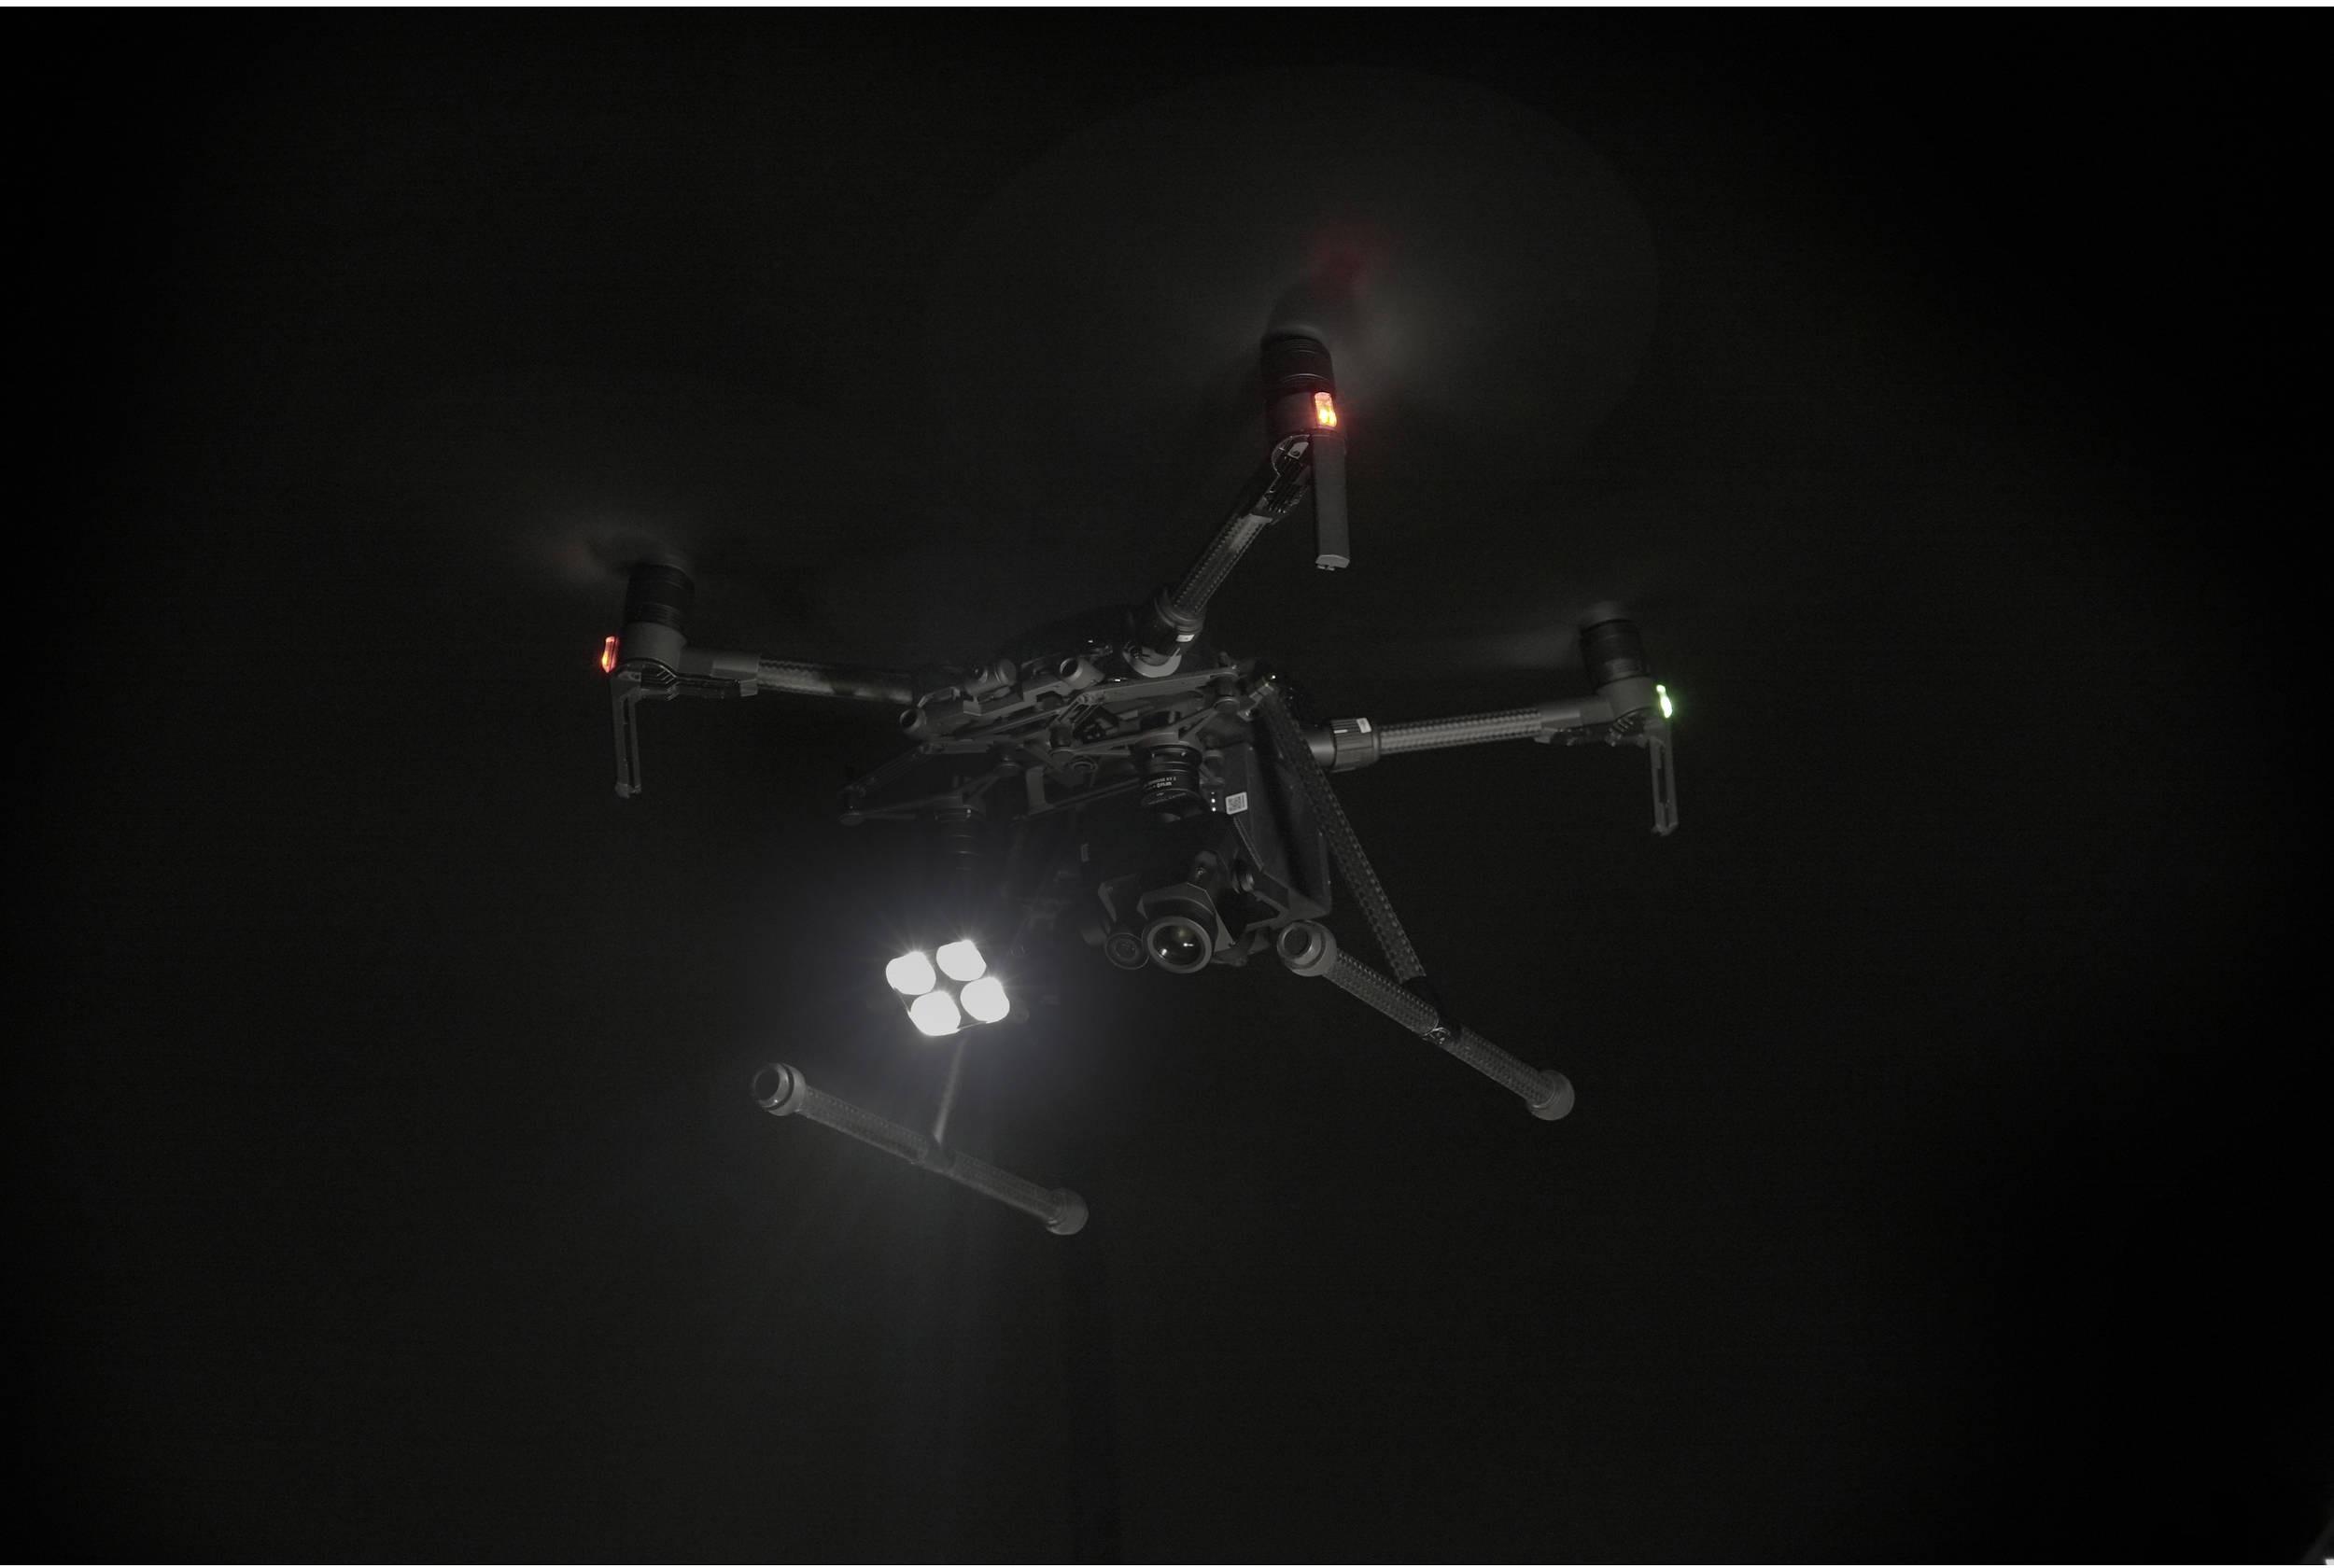 Прожектор DJI Wingsland Z15 для Matrice 200-8